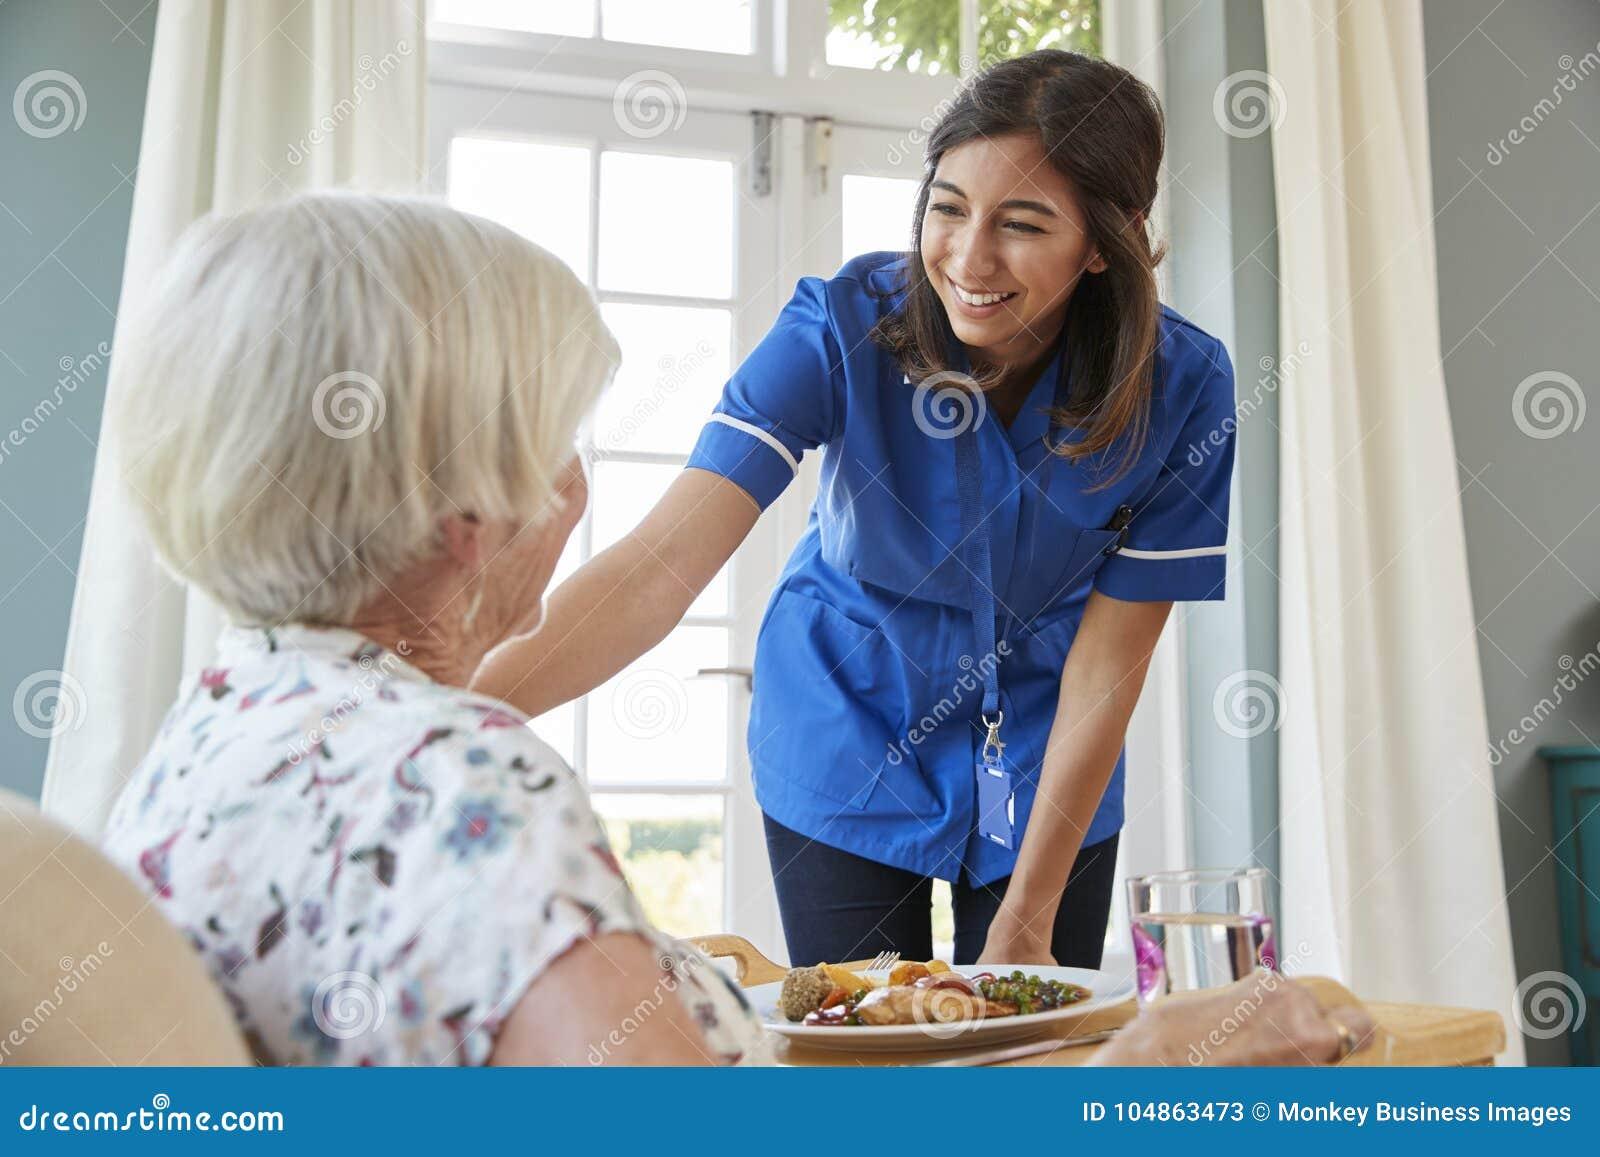 Εξυπηρετώντας γεύμα νοσοκόμων προσοχής σε μια ανώτερη γυναίκα στο σπίτι